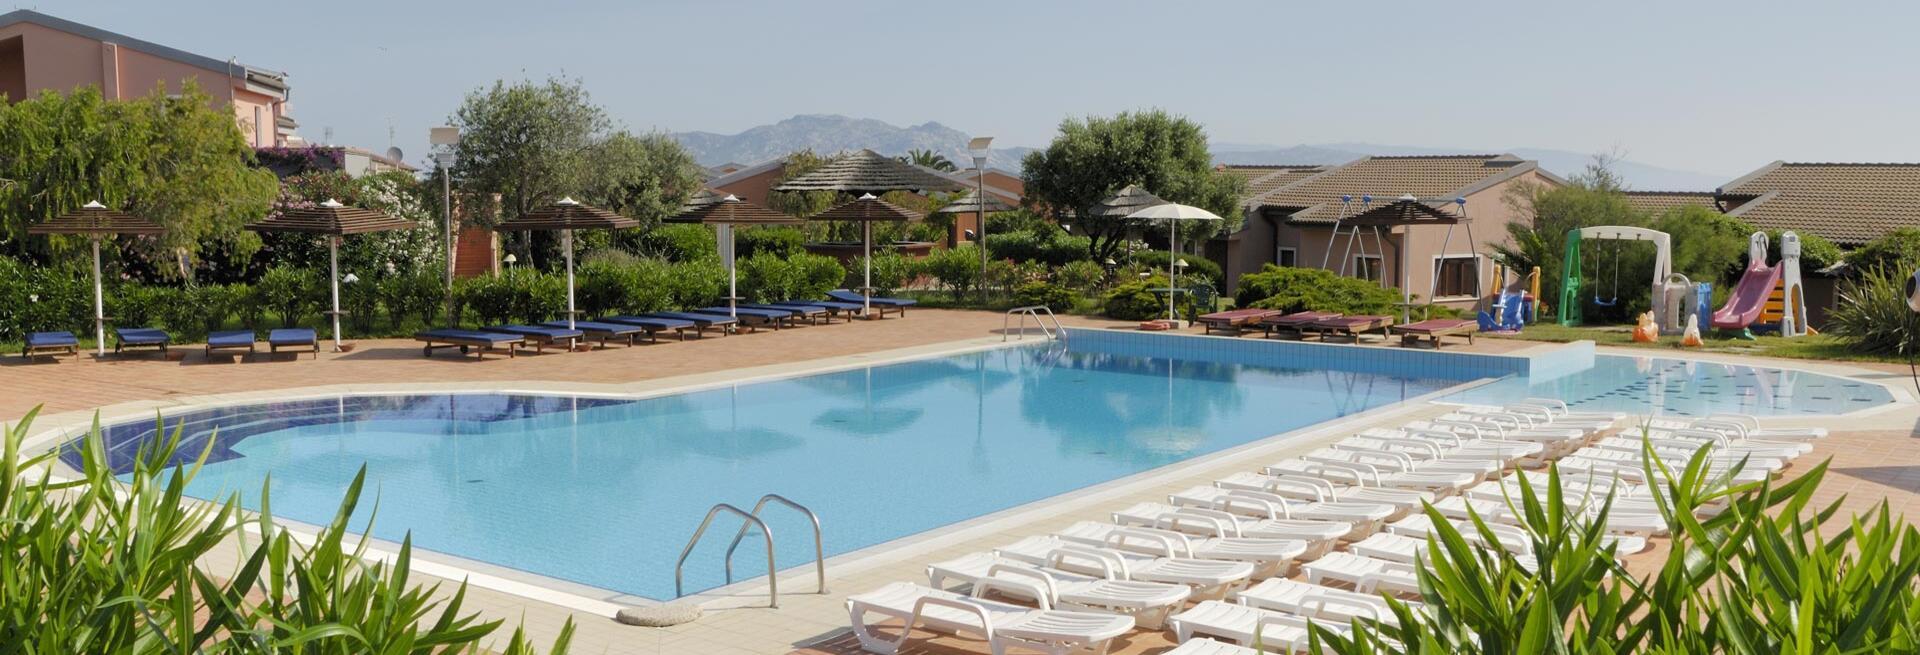 hotelcalarosa fr village 015